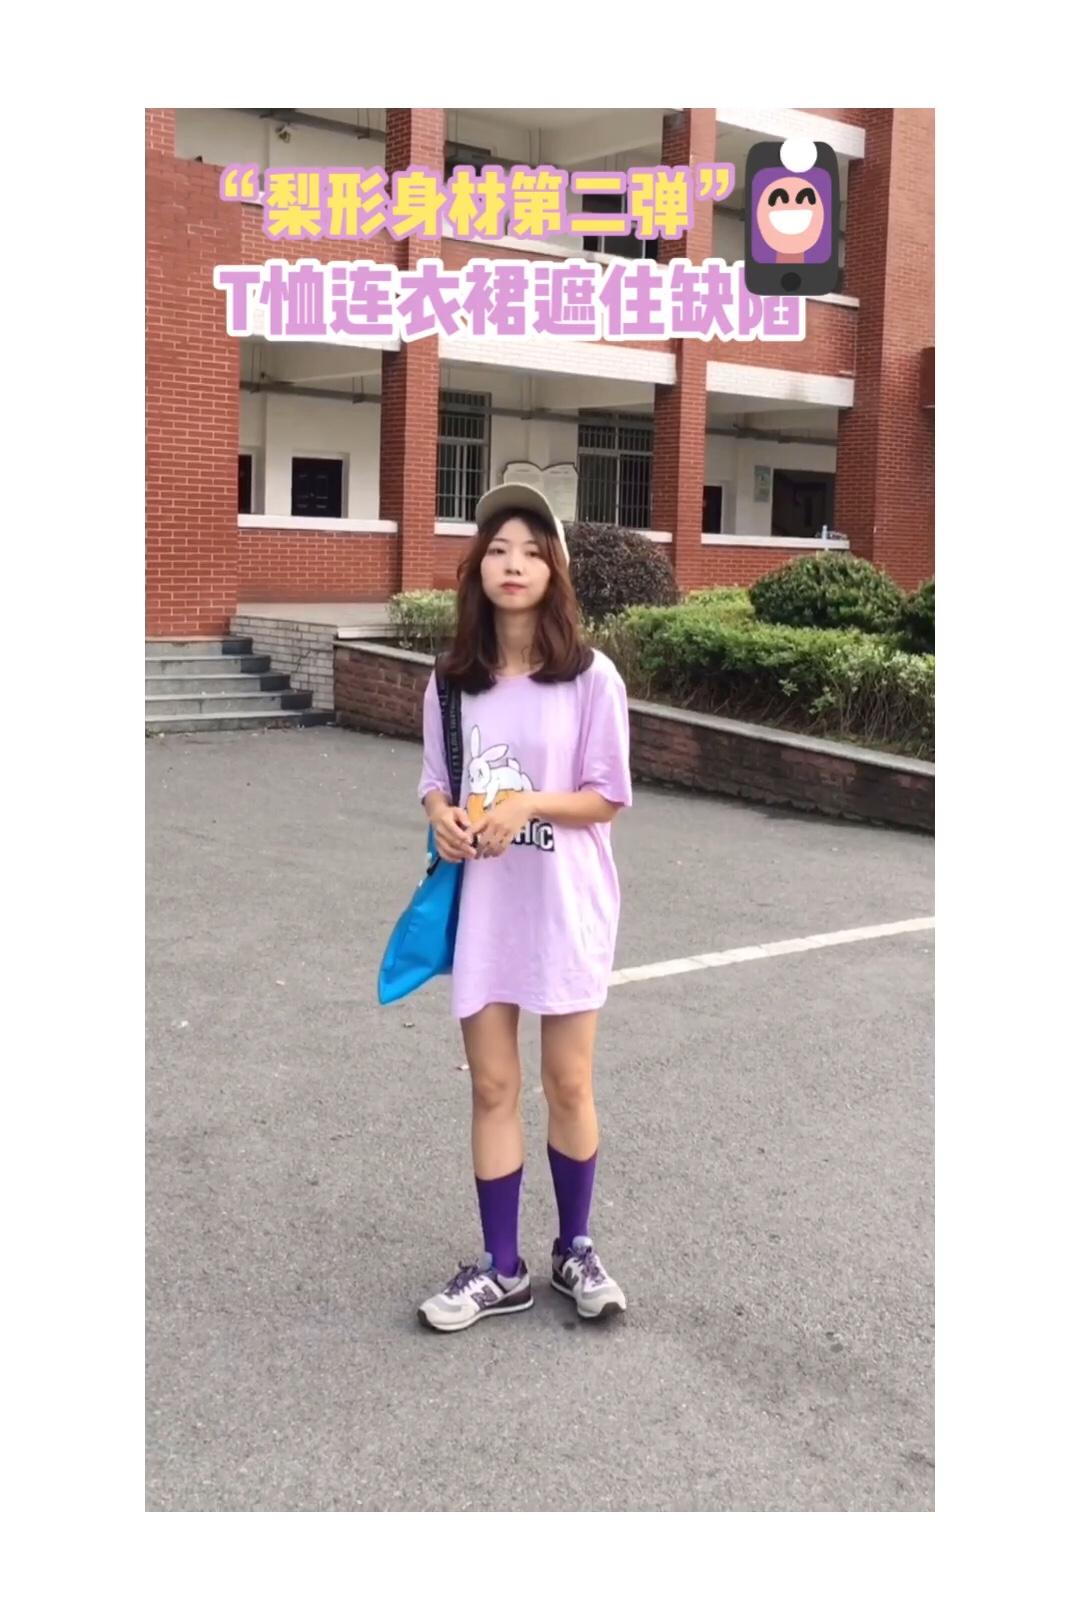 #今日干货:肤白貌美教你穿出来~#  Hello大家好,这里是大鱼穿搭测评第1024期,这一期和大家分享的是连衣裙穿搭。  .「身高163cm.  体重43kg」,给大家参考下。  🌻今天的主角是紫色连衣裙,今年夏天好像也特别流行t恤连衣裙,紫色的粉粉嫩嫩的,约会必穿啦,显白长度也适合小个子!  ✌️喜欢记得给我点赞留言哦!!